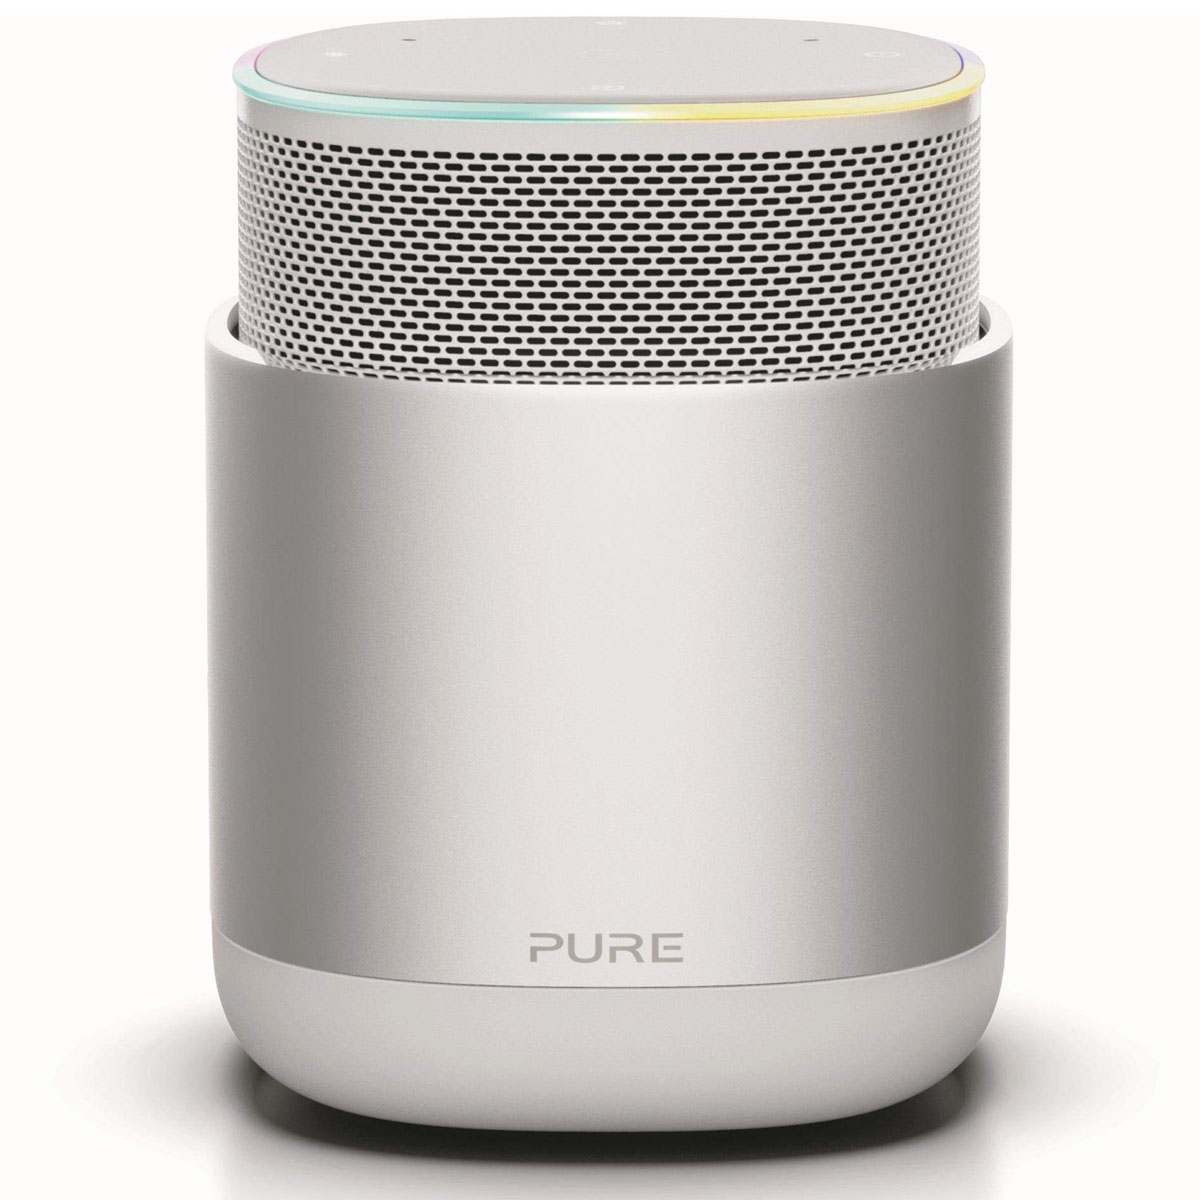 Enceinte Bluetooth Pure DiscovR Argent Enceinte sans fil Wi-Fi et Bluetooth à commande vocale Amazon Alexa avec Spotify Connect, AirPlay 2, Radio Internet et batterie rechargeable